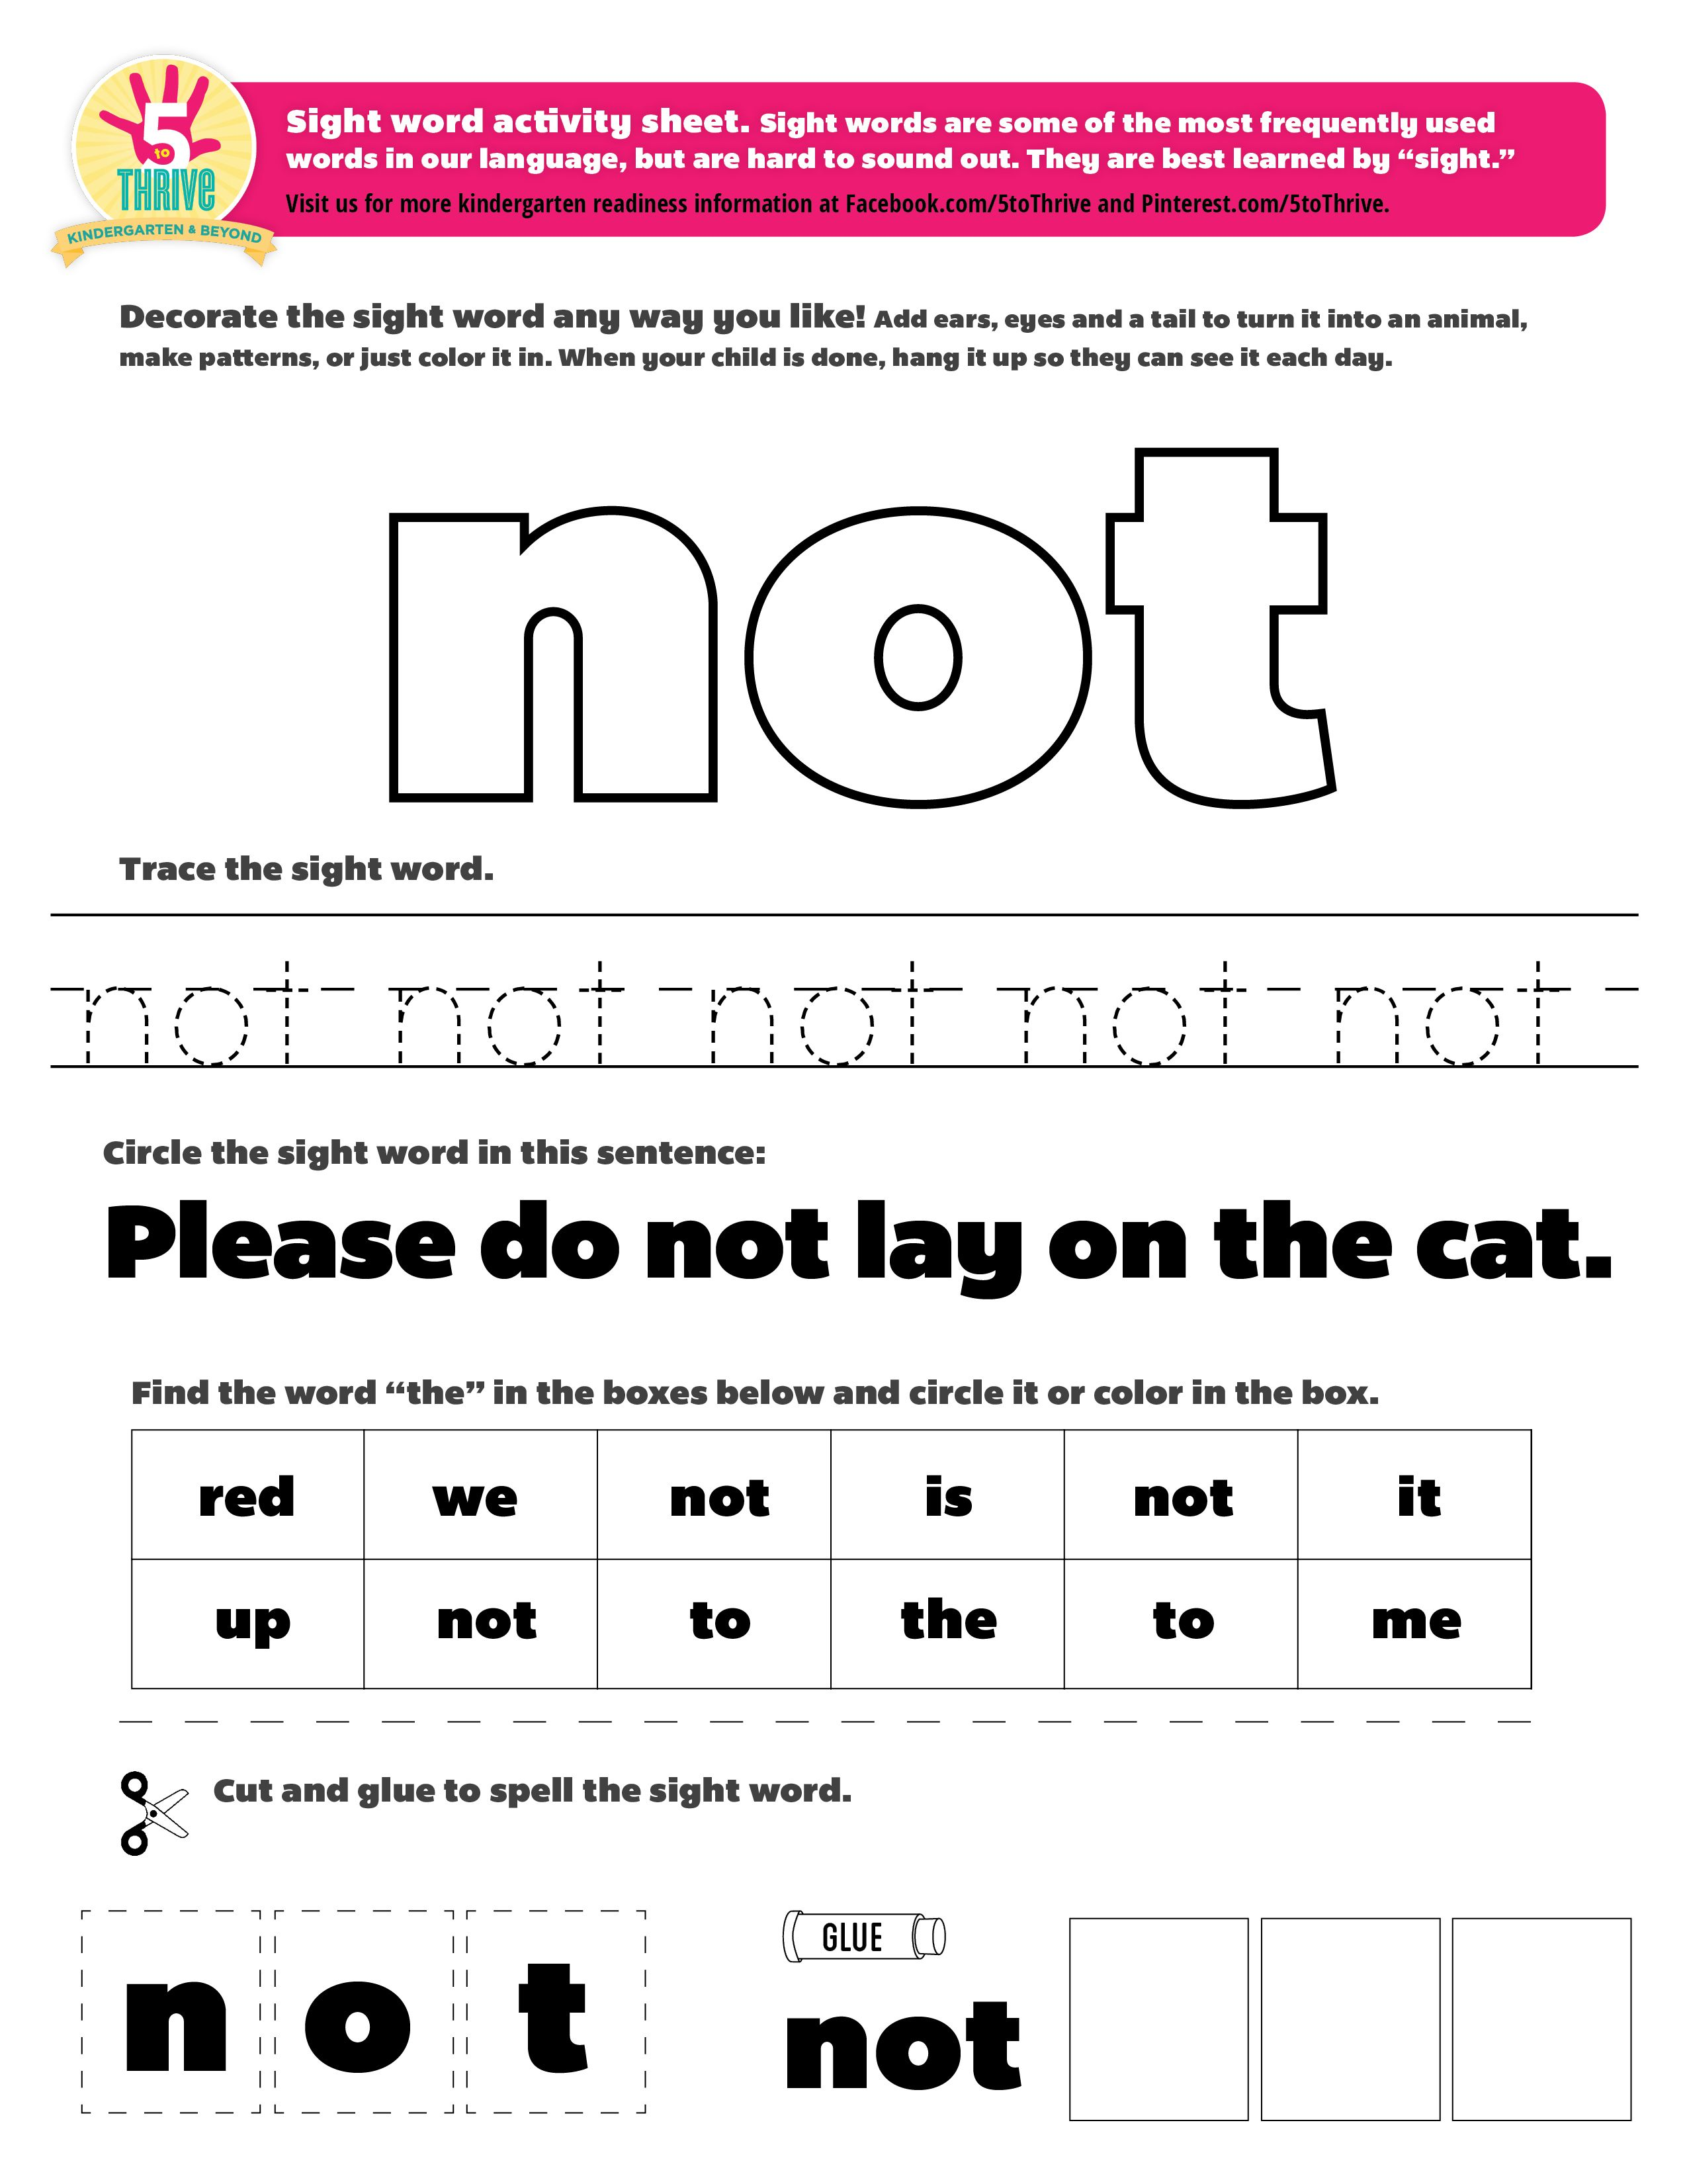 de62845d75fb2cfd8424e5c0fb0b6036 - Sight Word Kindergarten Worksheet